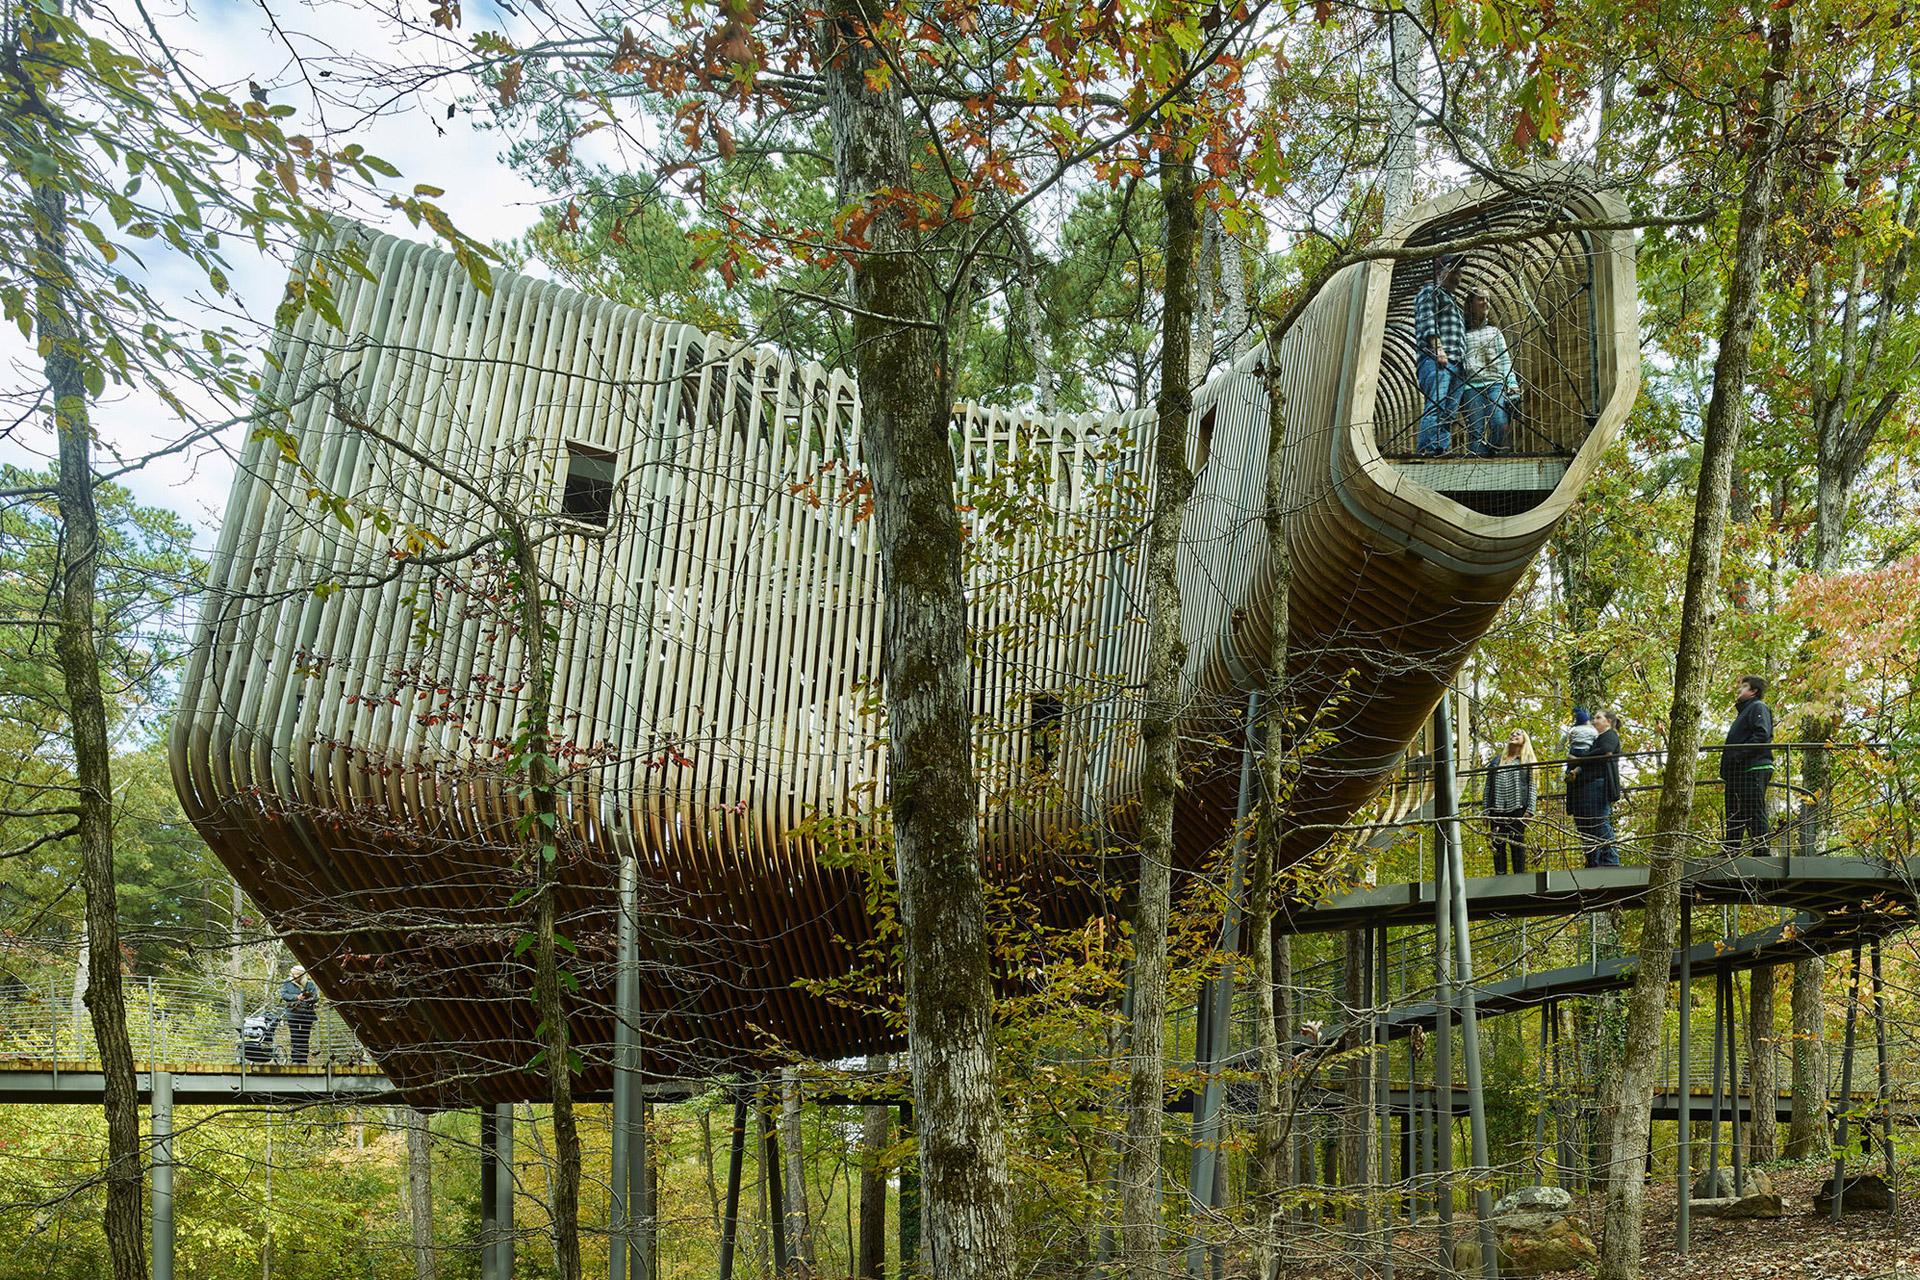 Evans Tree House